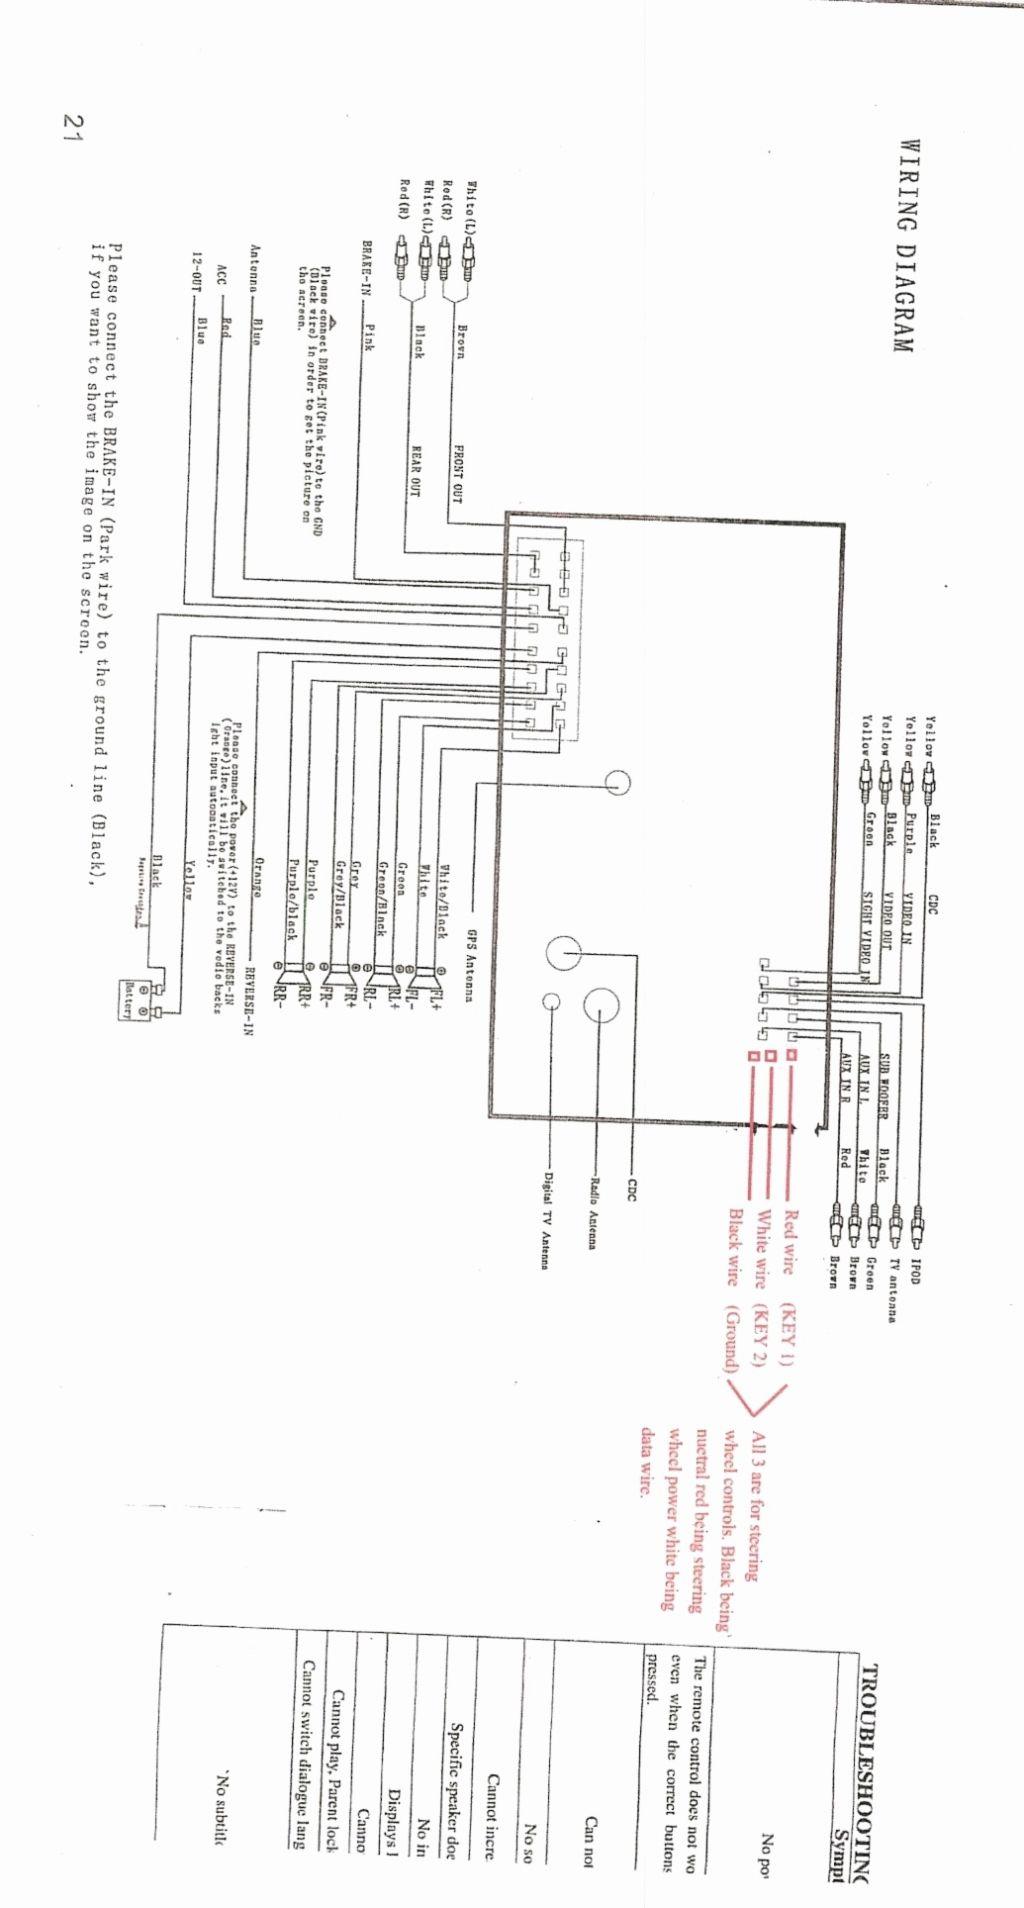 gmos 01 wiring diagram - wiring diagram schema trite-trial -  trite-trial.ferdinandeo.it  ferdinandeo.it